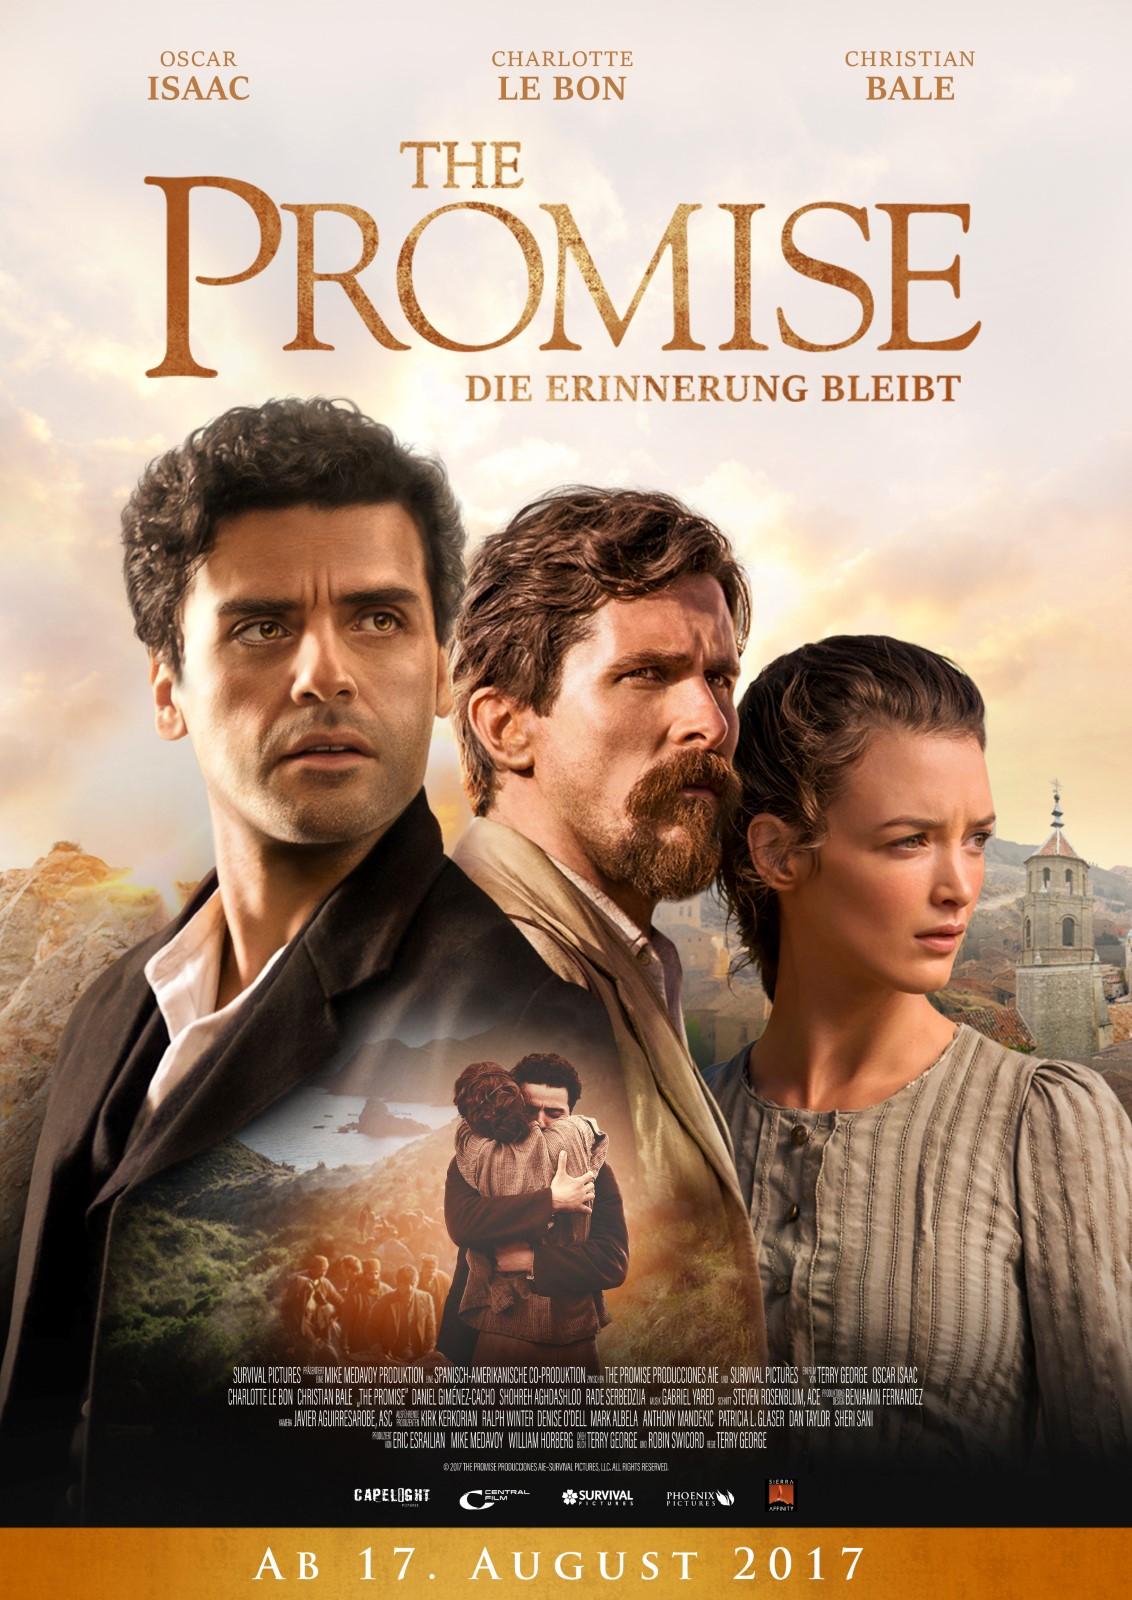 The Promise - Die Erinnerung bleibt - Film 2017 ...